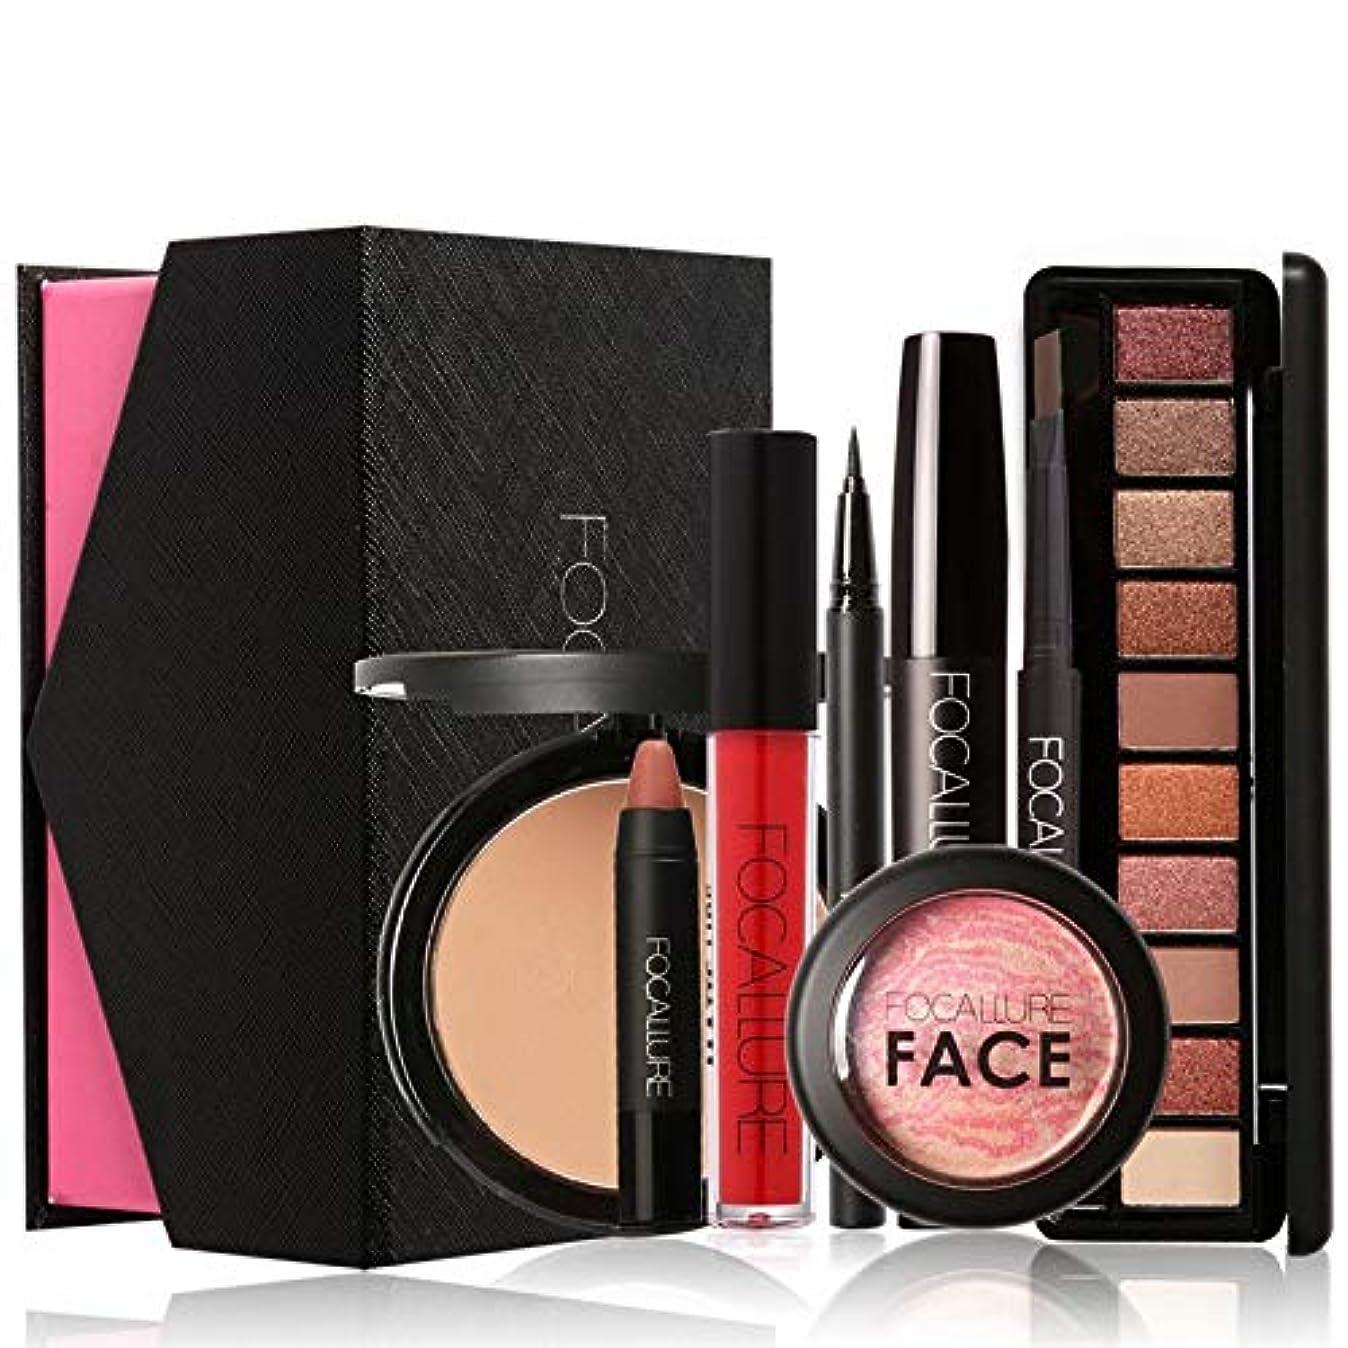 文化政策信号8Pcs Daily Use Cosmetics Makeup Sets Make Up Cosmetics Gift Makeup Set for women 毎日の使用8個の化粧品メイクアップセットメイクアップ化粧品...